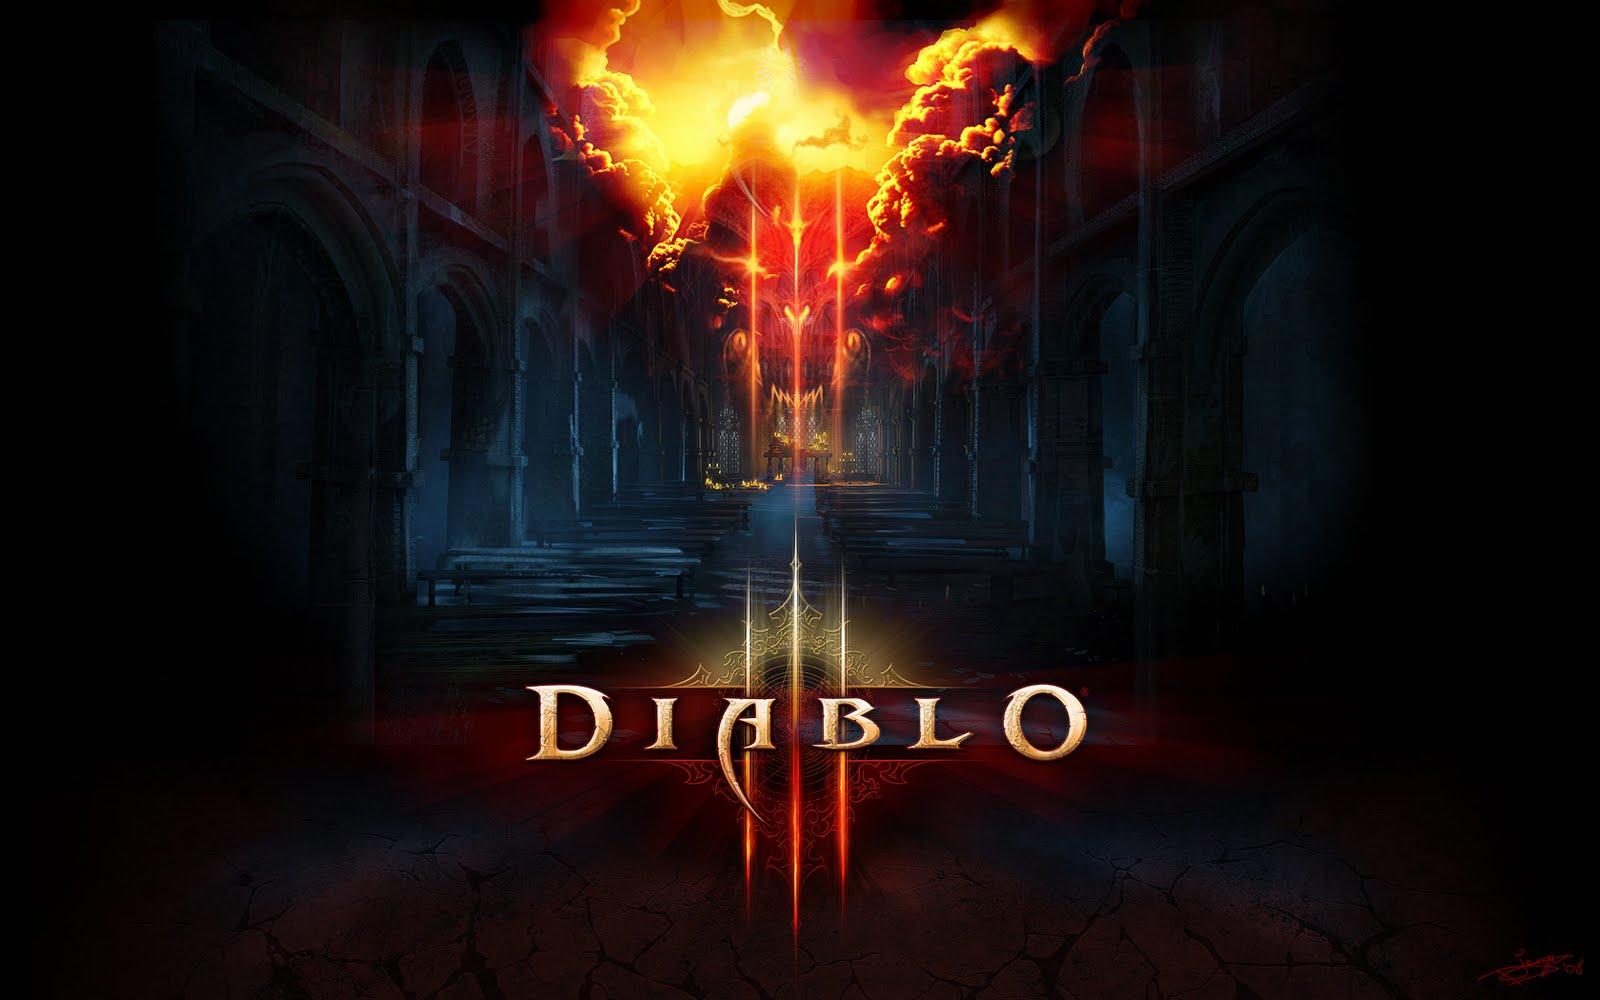 http://4.bp.blogspot.com/-OdsKuFDGRi8/TdKRBkdW2KI/AAAAAAAABu4/EfJTHftViGM/s1600/Diablo_III_3.jpg